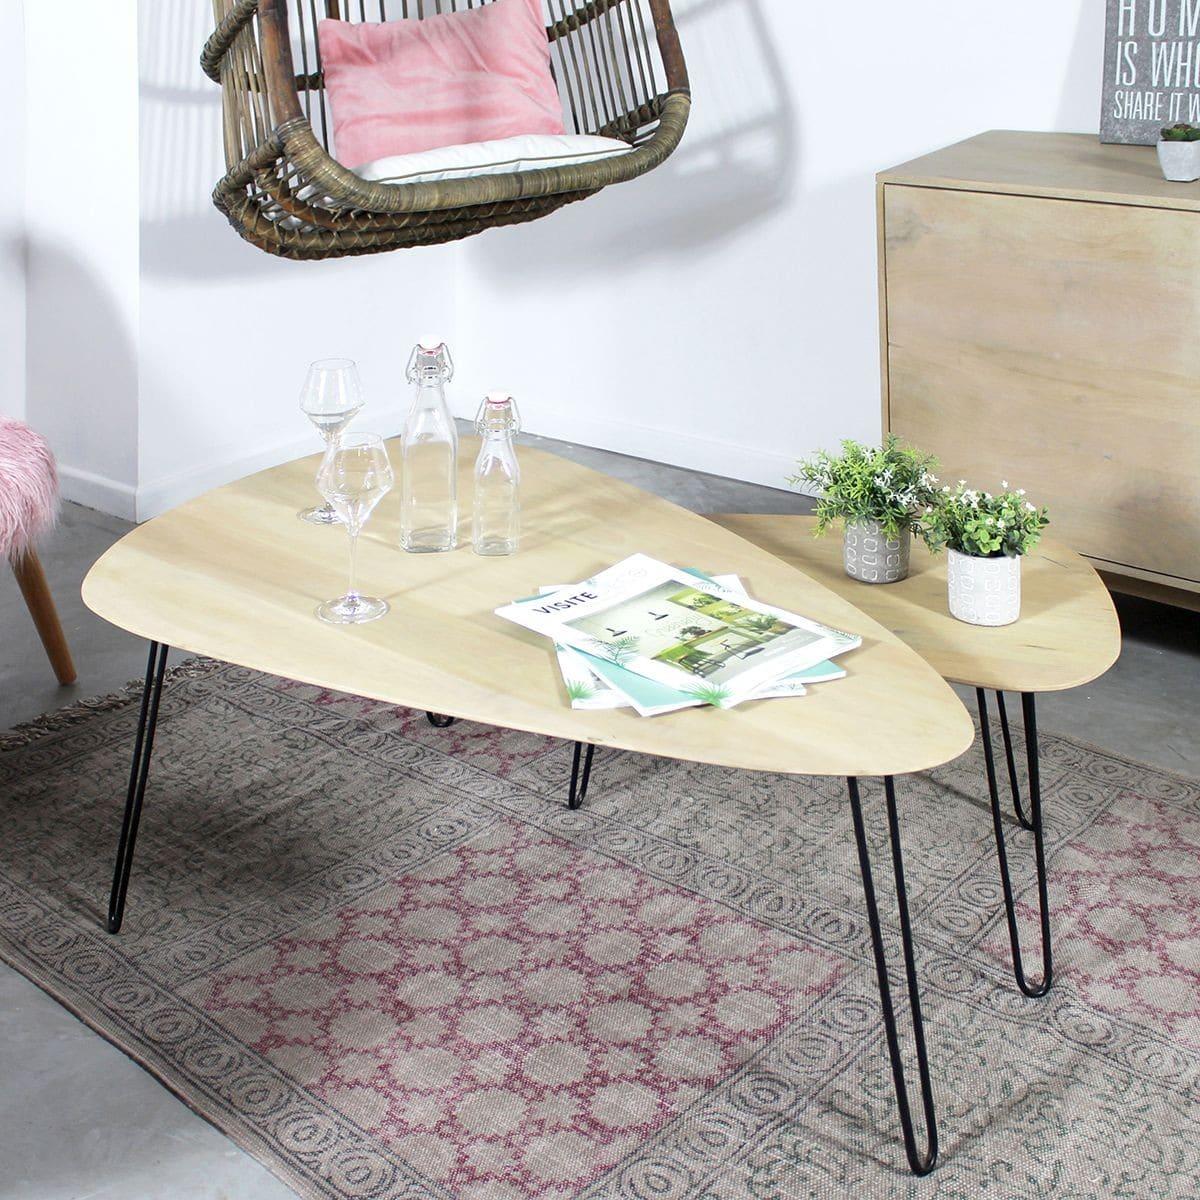 meilleur site web 439fc 21004 Table basse scandinave: 38 modèles d'inspiration nordique (2019)